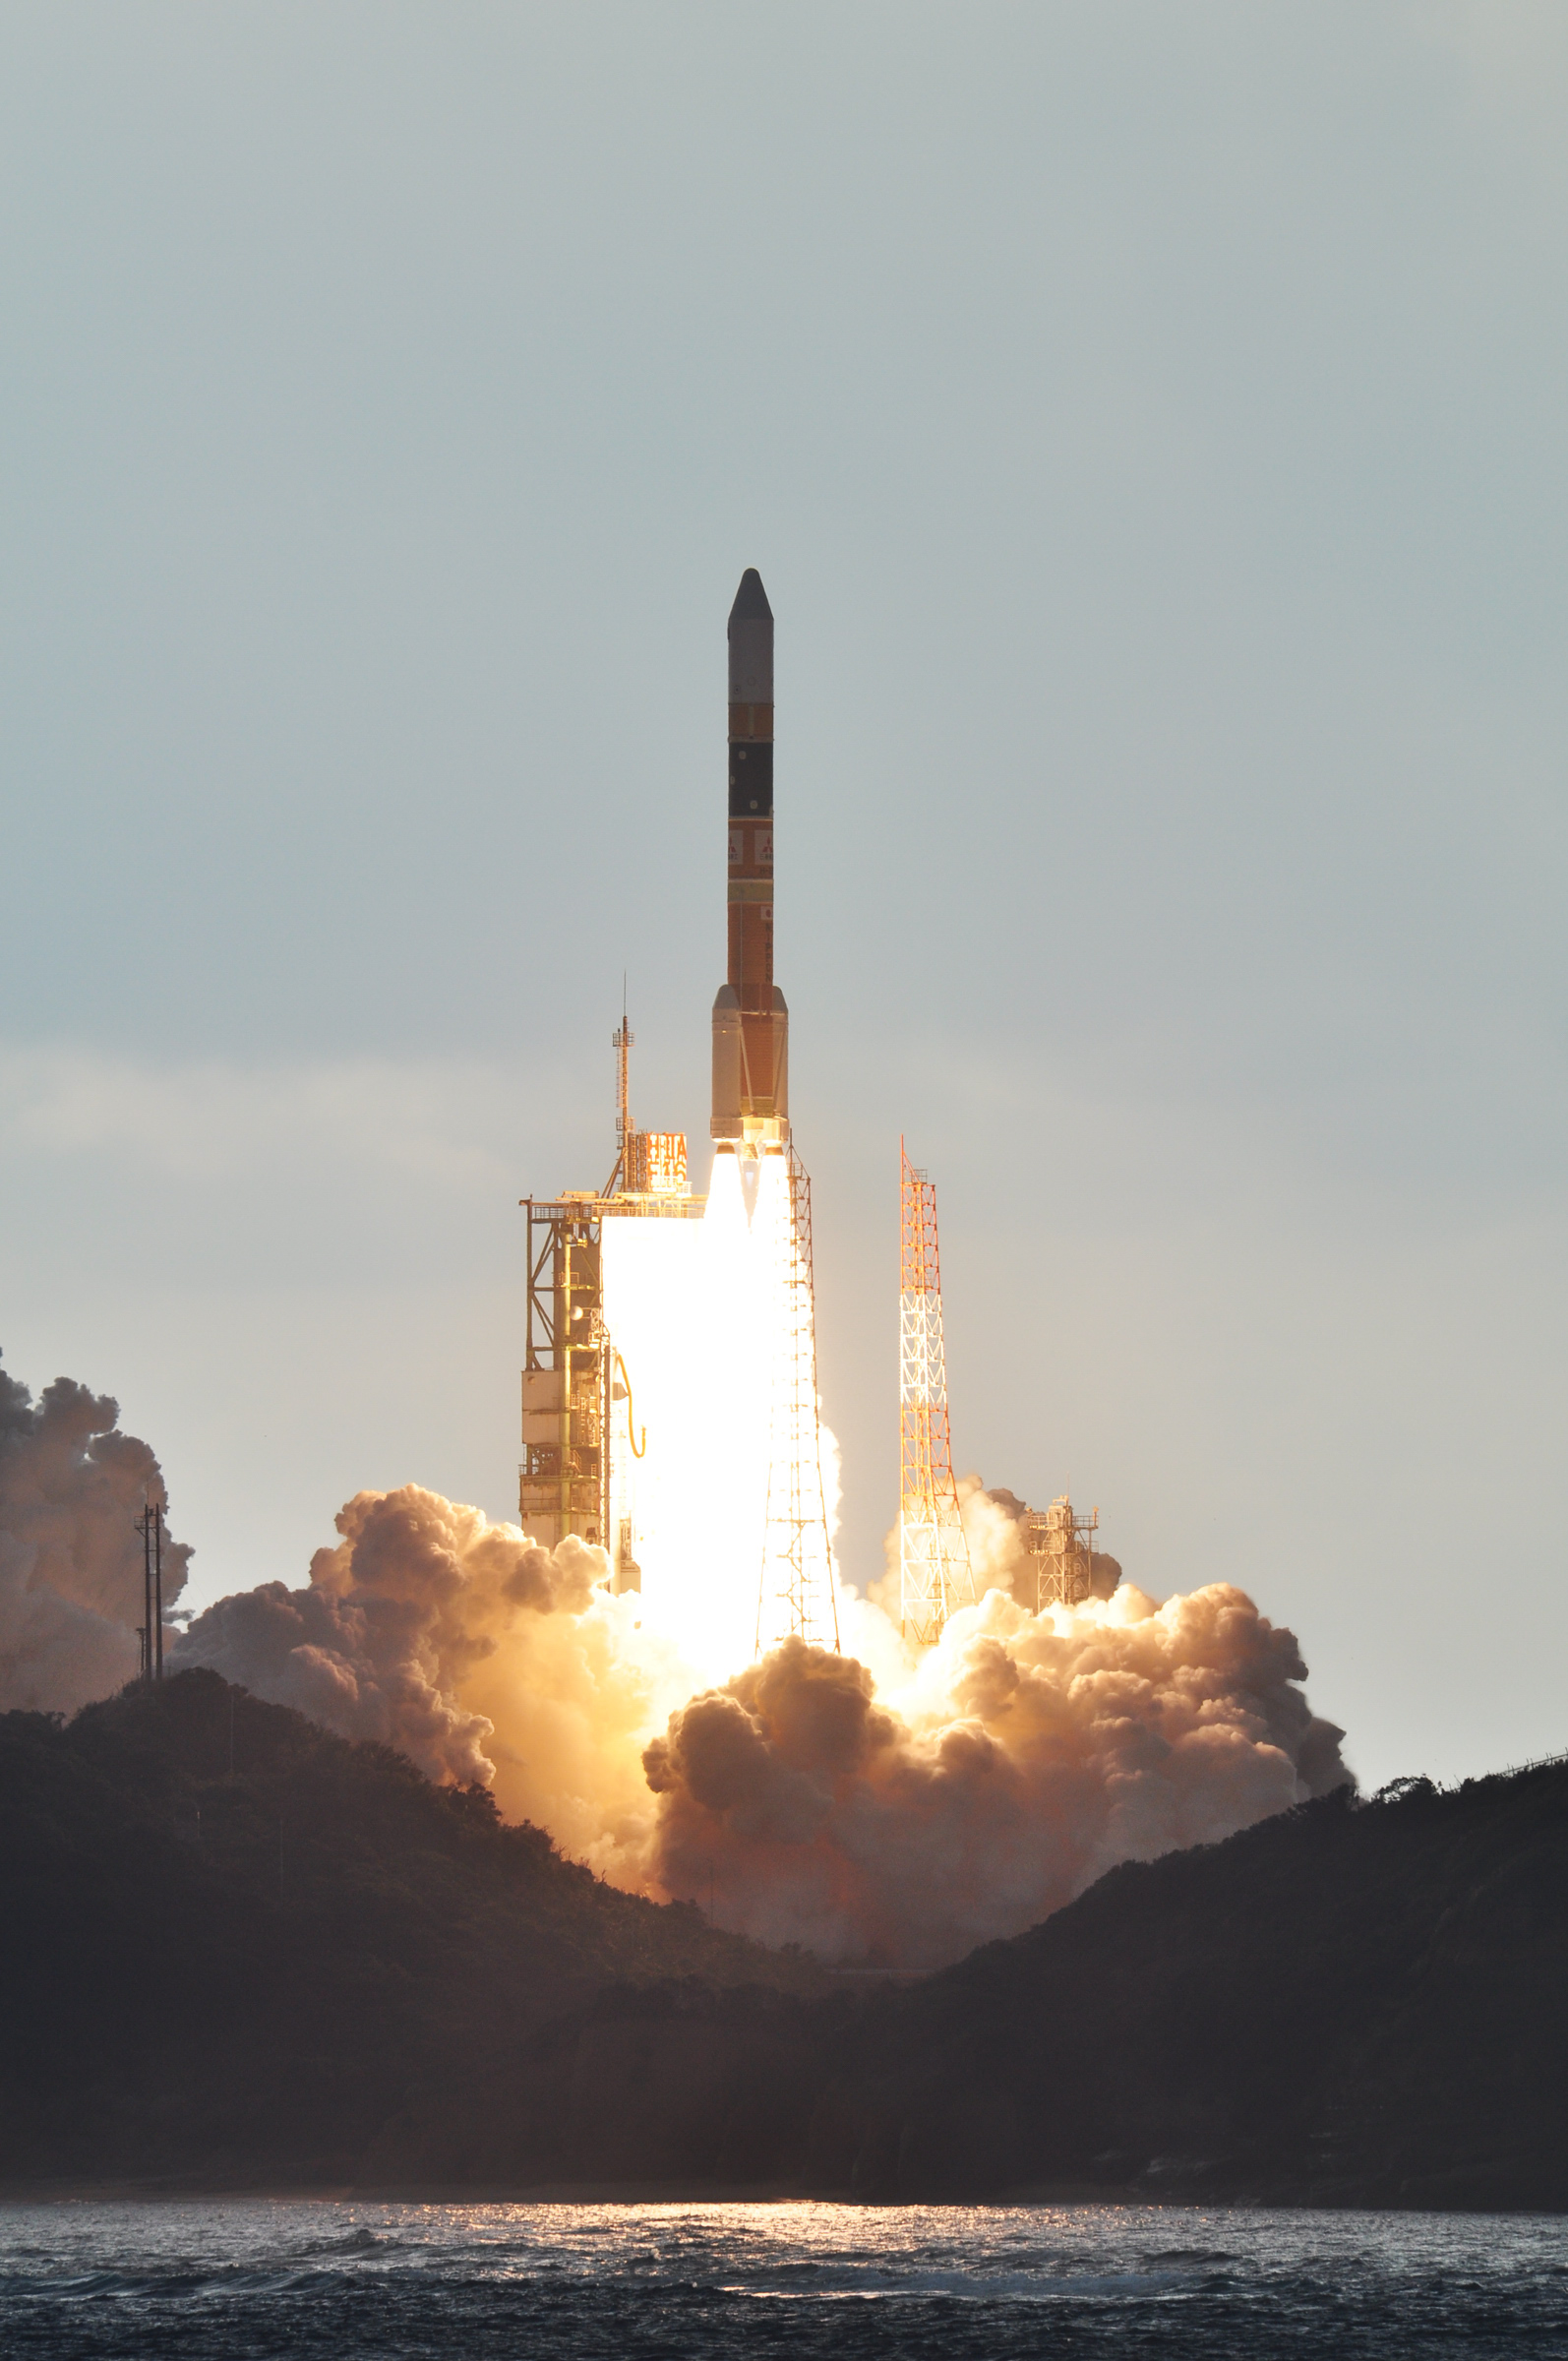 打ち上げ ロケット H3ロケット打ち上げ再延期はまずない、そう断言できる技術の視点